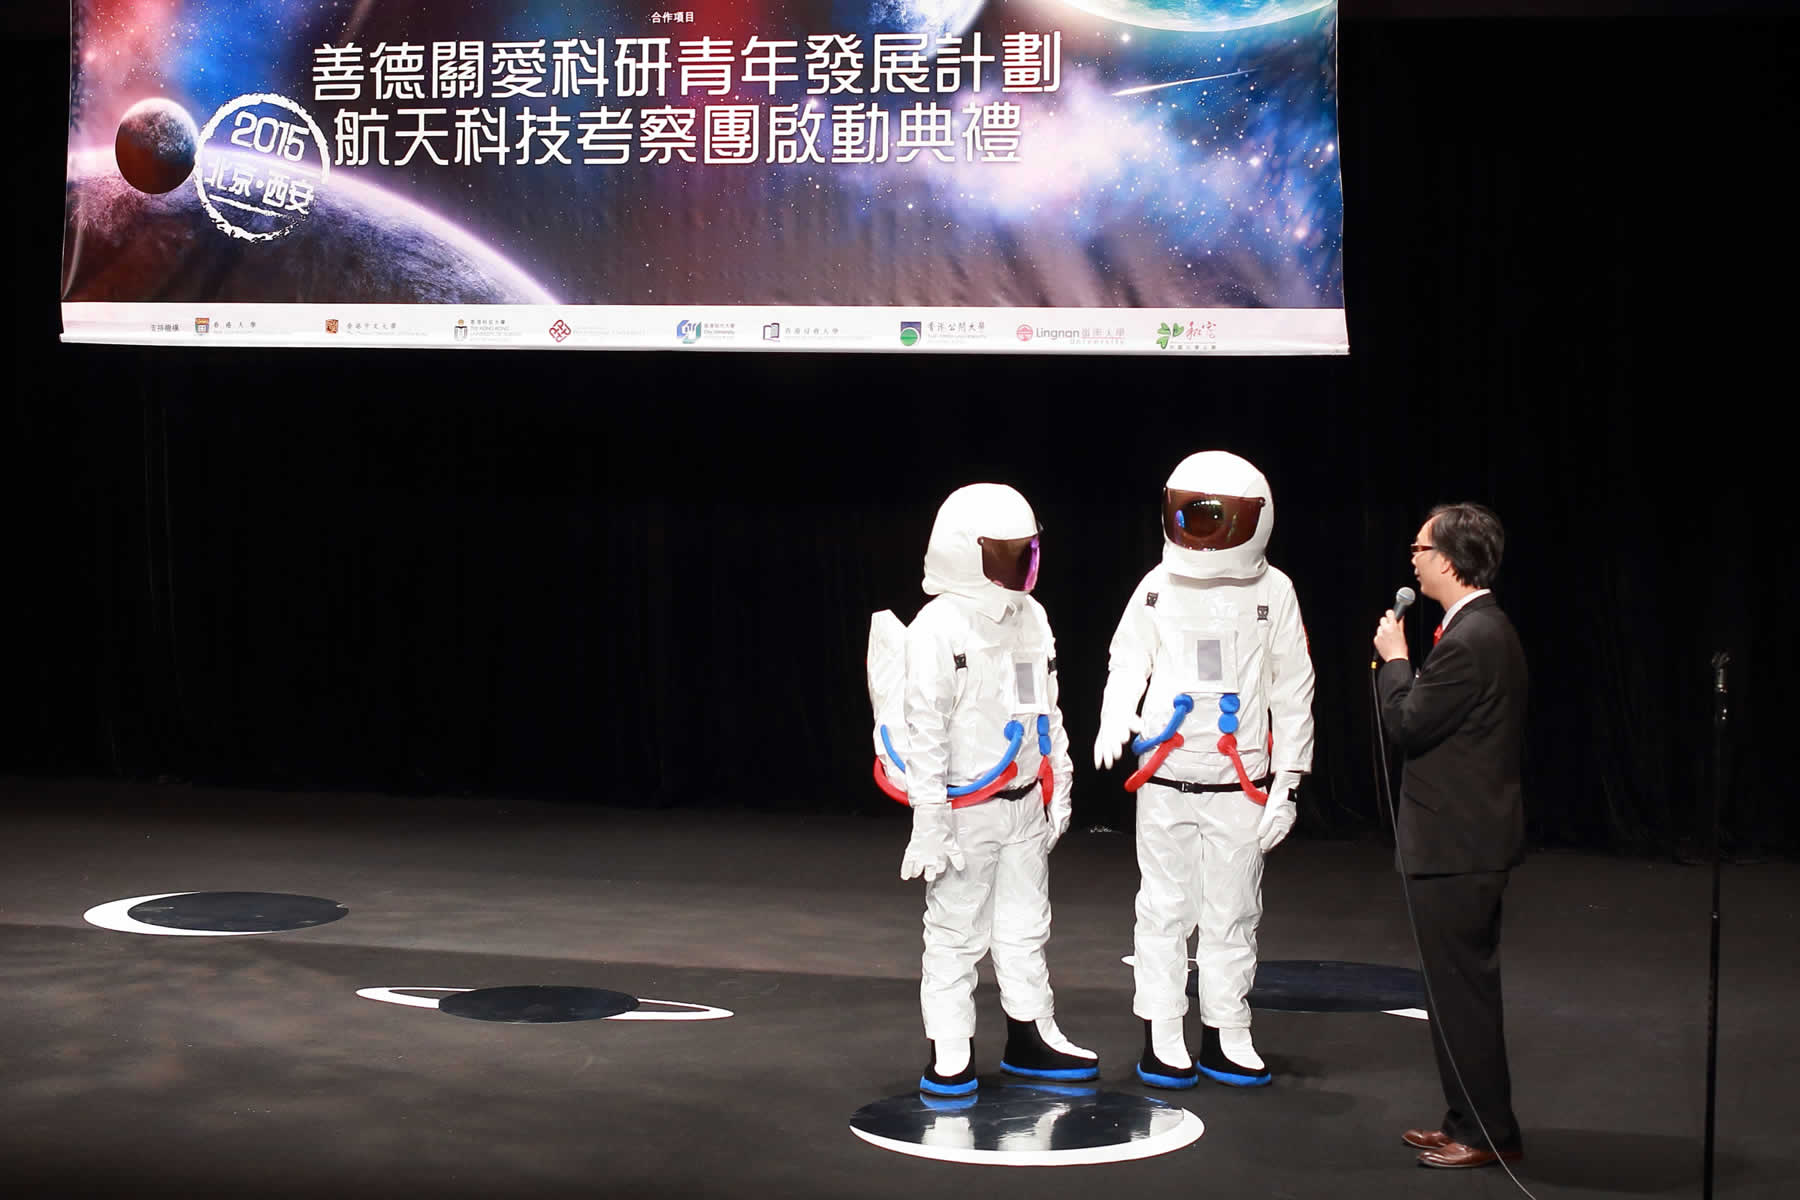 2位穿上太空人服裝的學生接受訪問